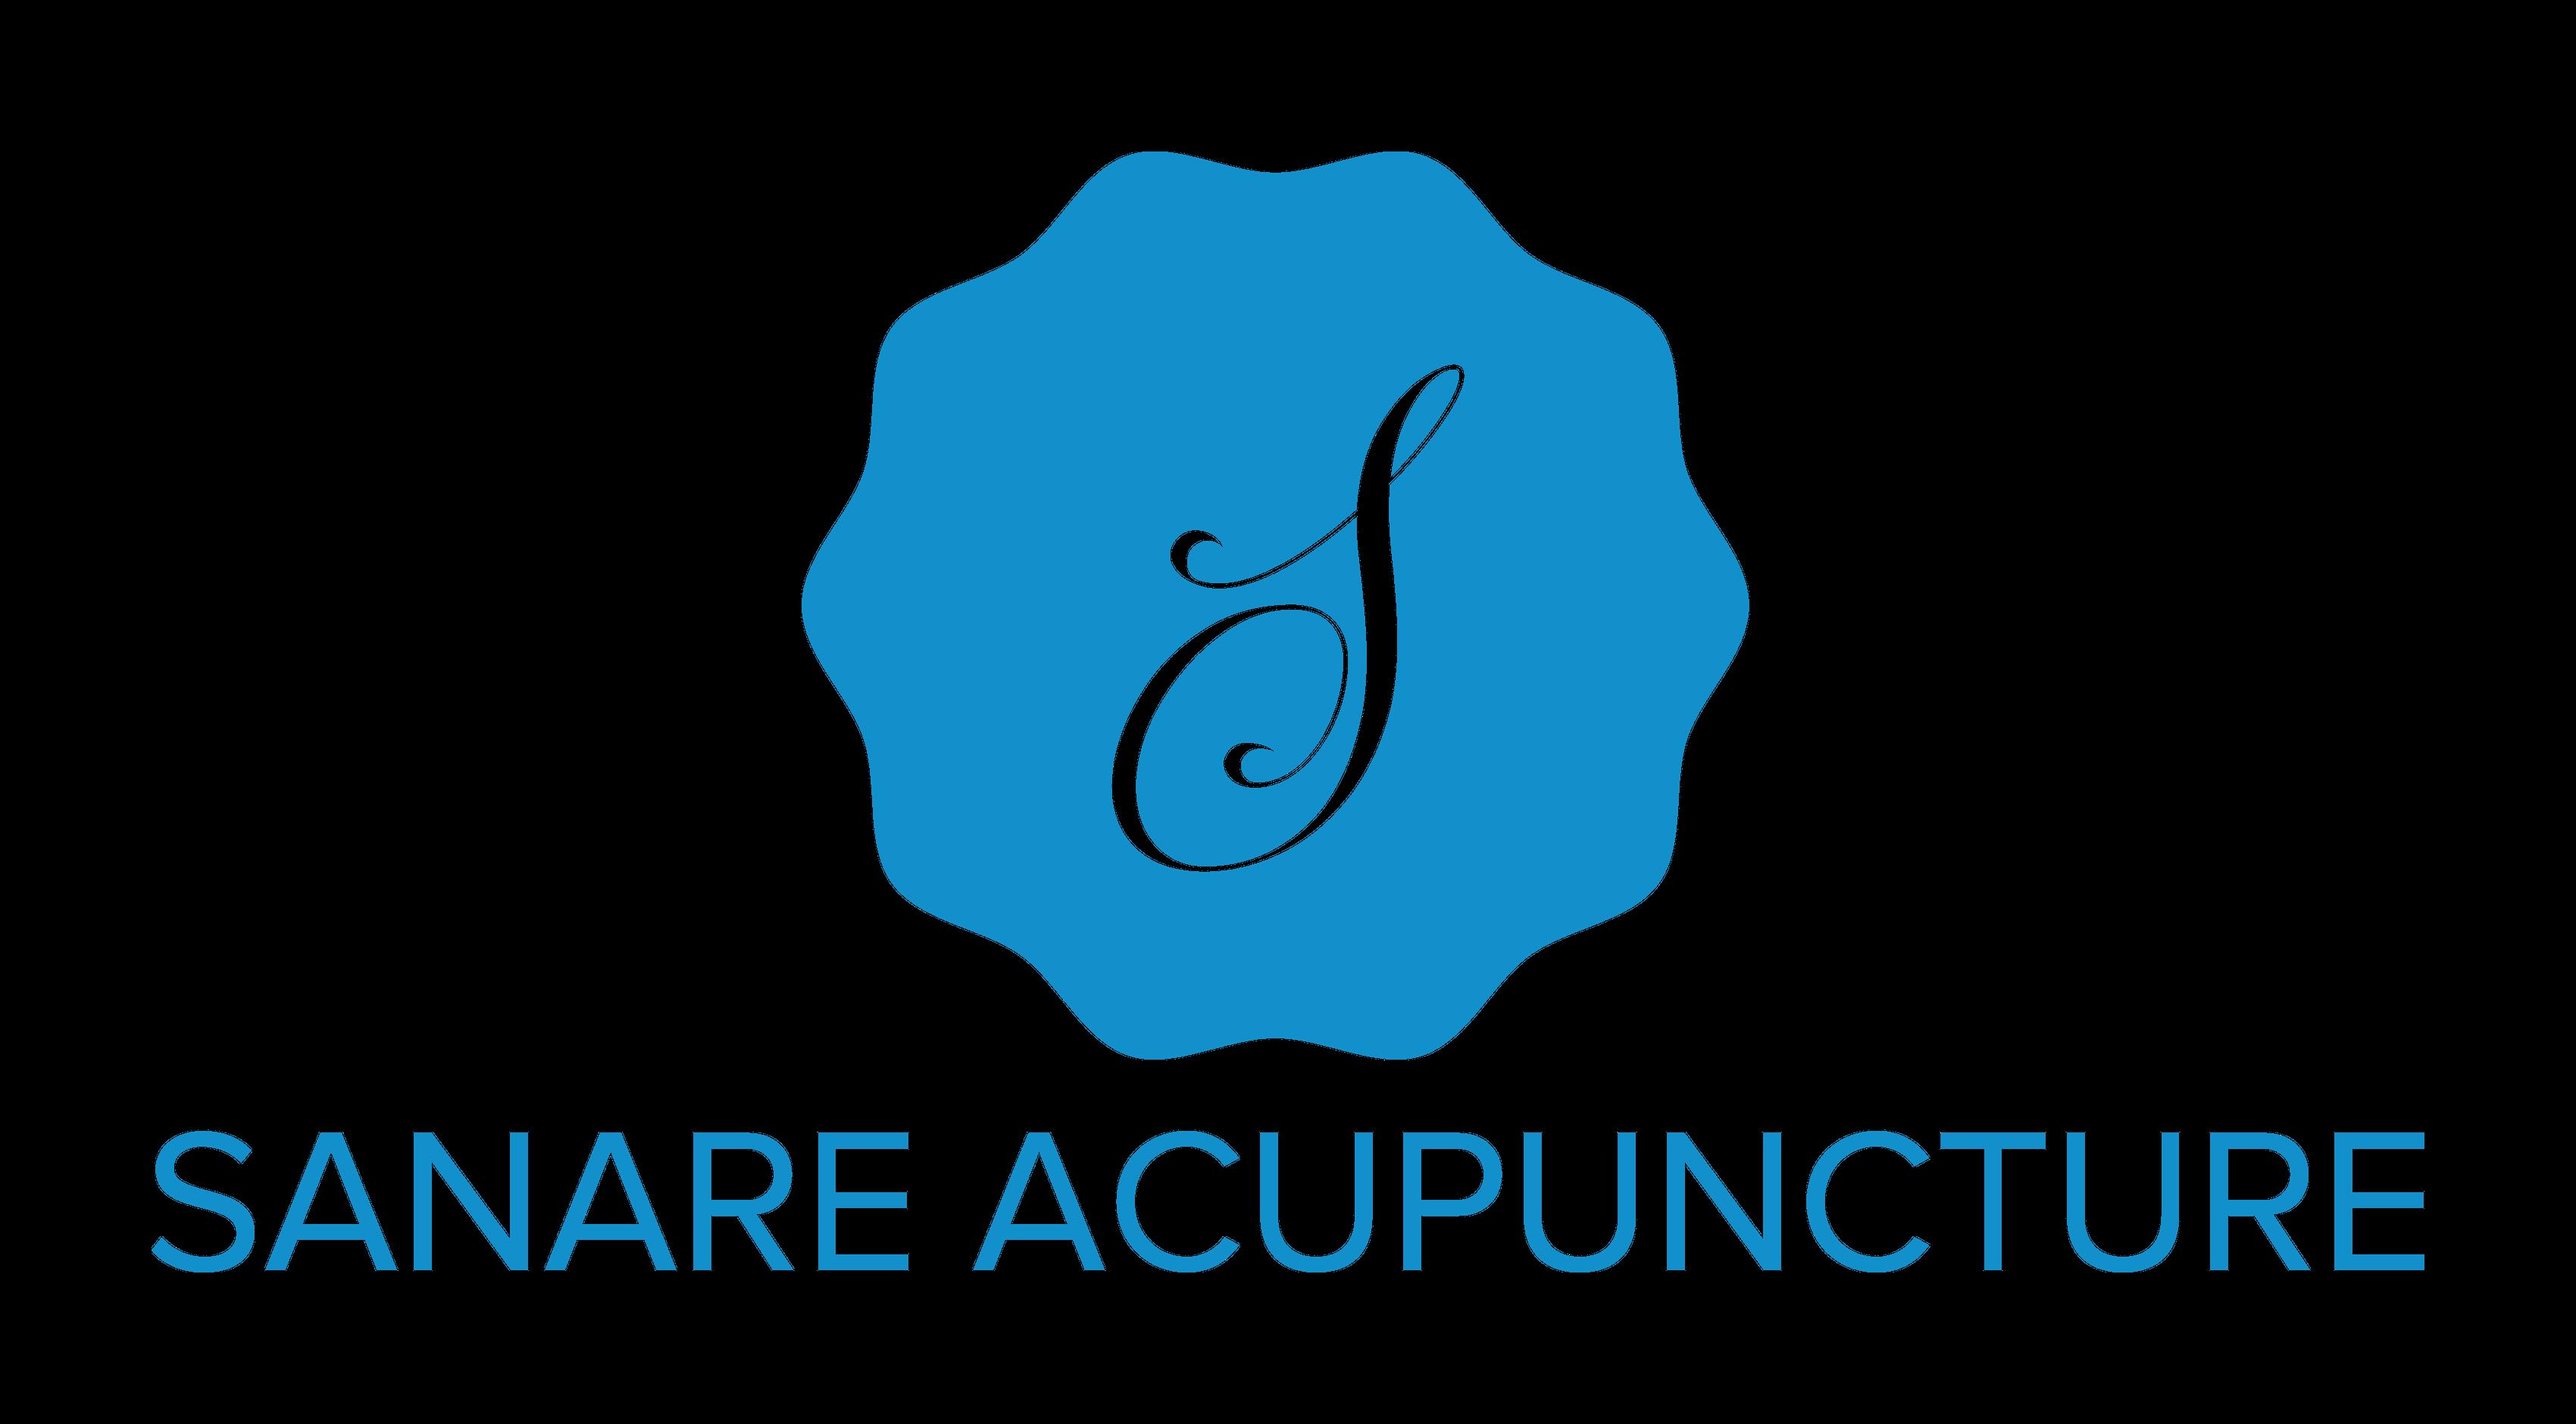 Sanare Acupuncture